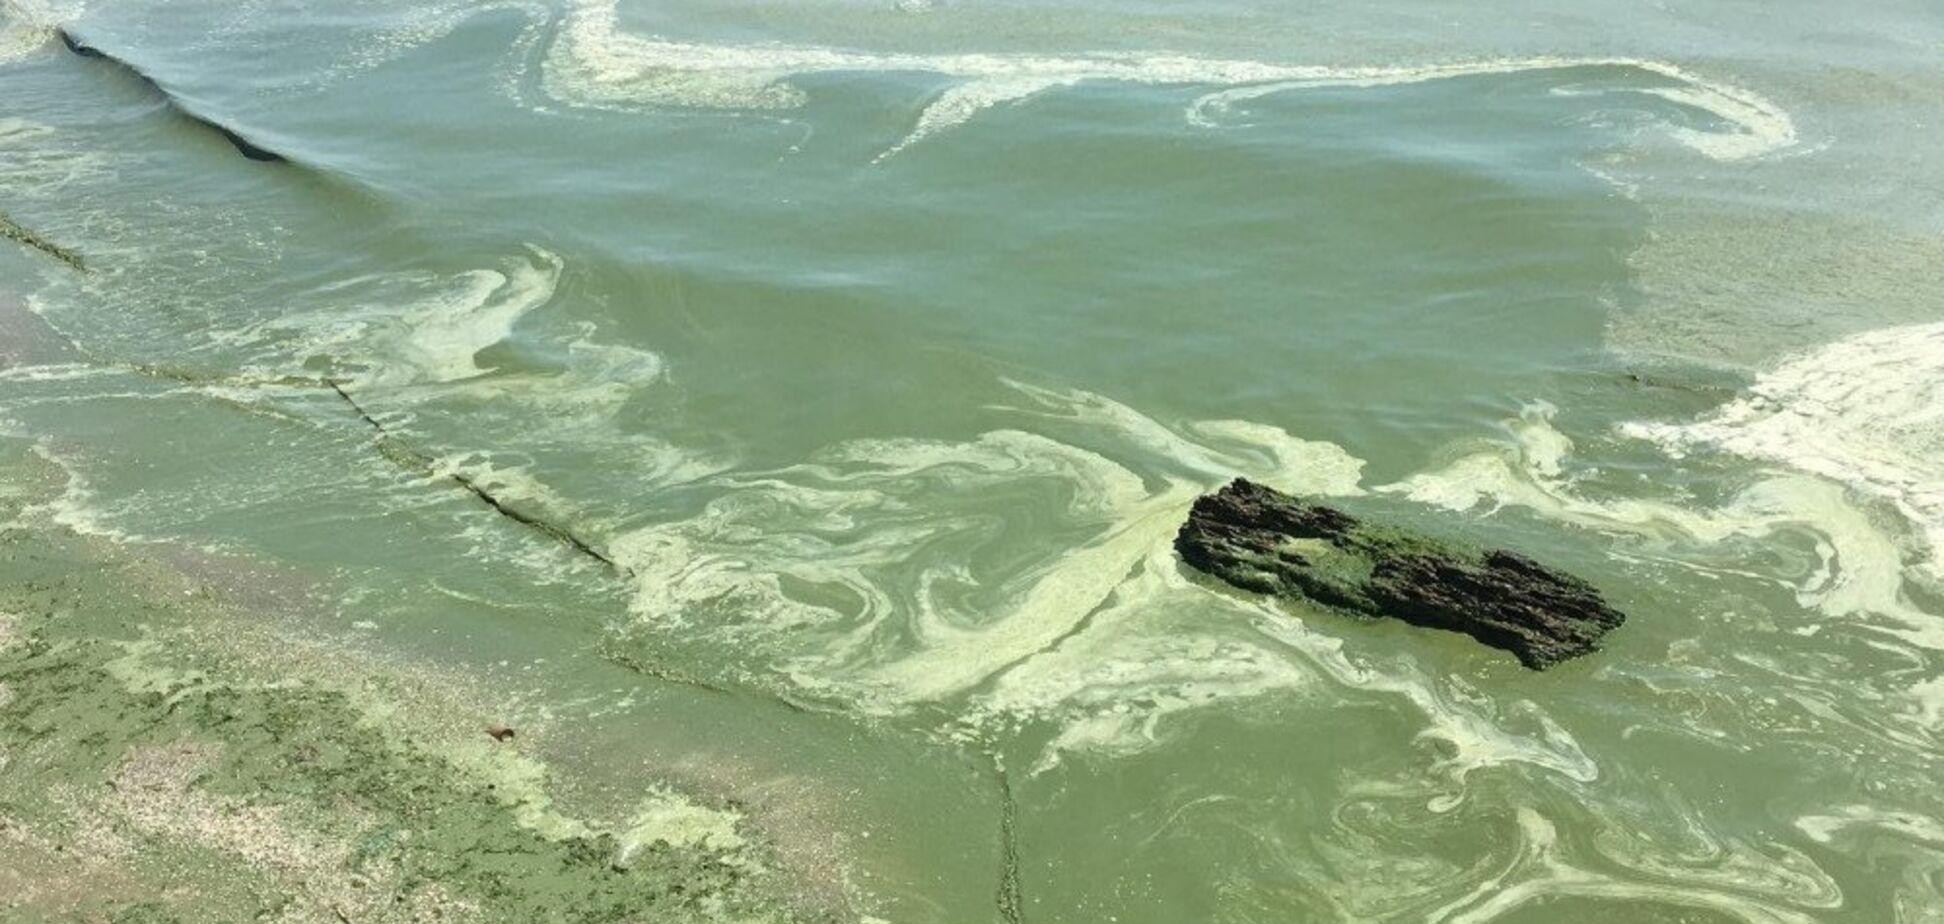 Море в Одессе позеленело от ядовитых веществ: чем это опасно для здоровья людей